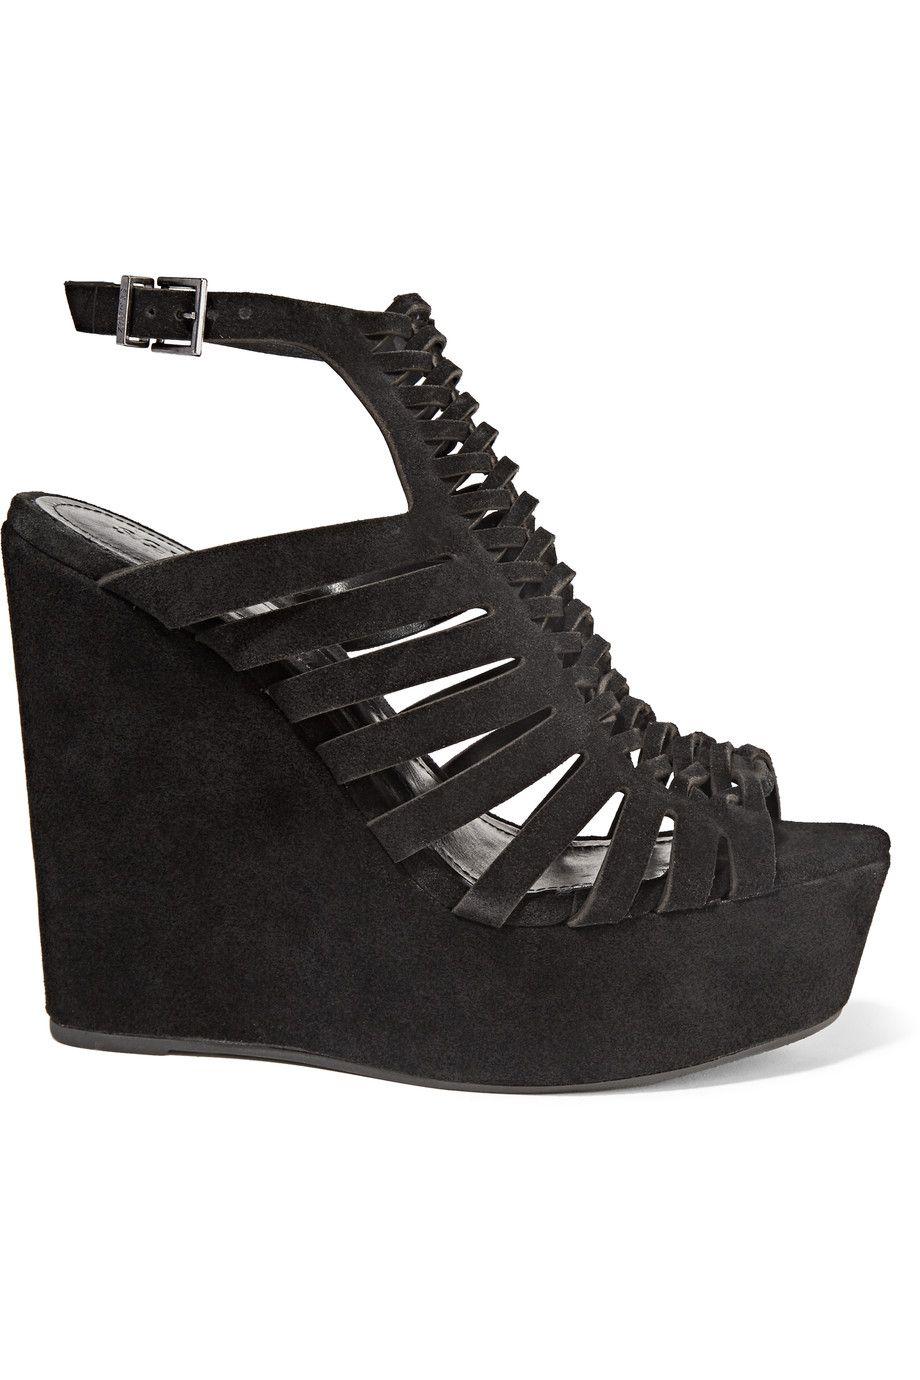 599d28ad5ac SCHUTZ Rachelle braided suede wedge sandals.  schutz  shoes  sandals ...